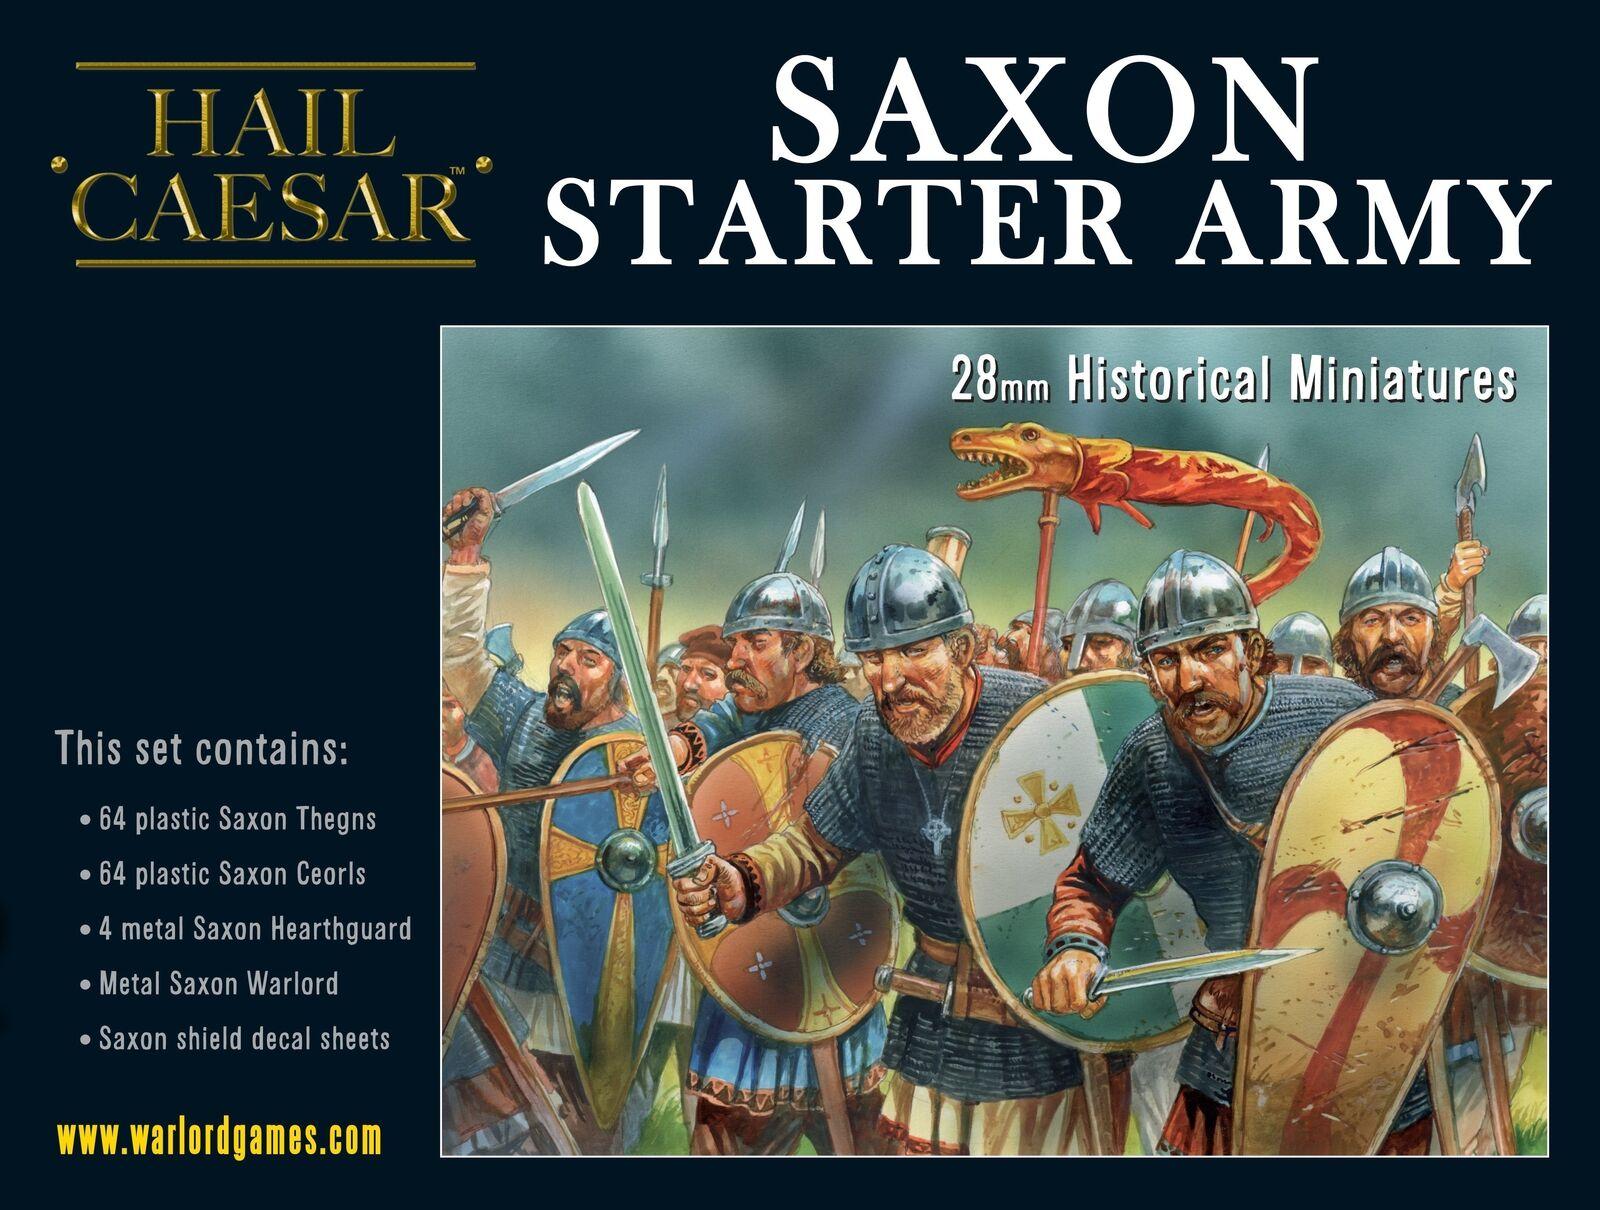 Hell Caesar, saxisk stjärnarmé 28mm, plastisk medeltid.